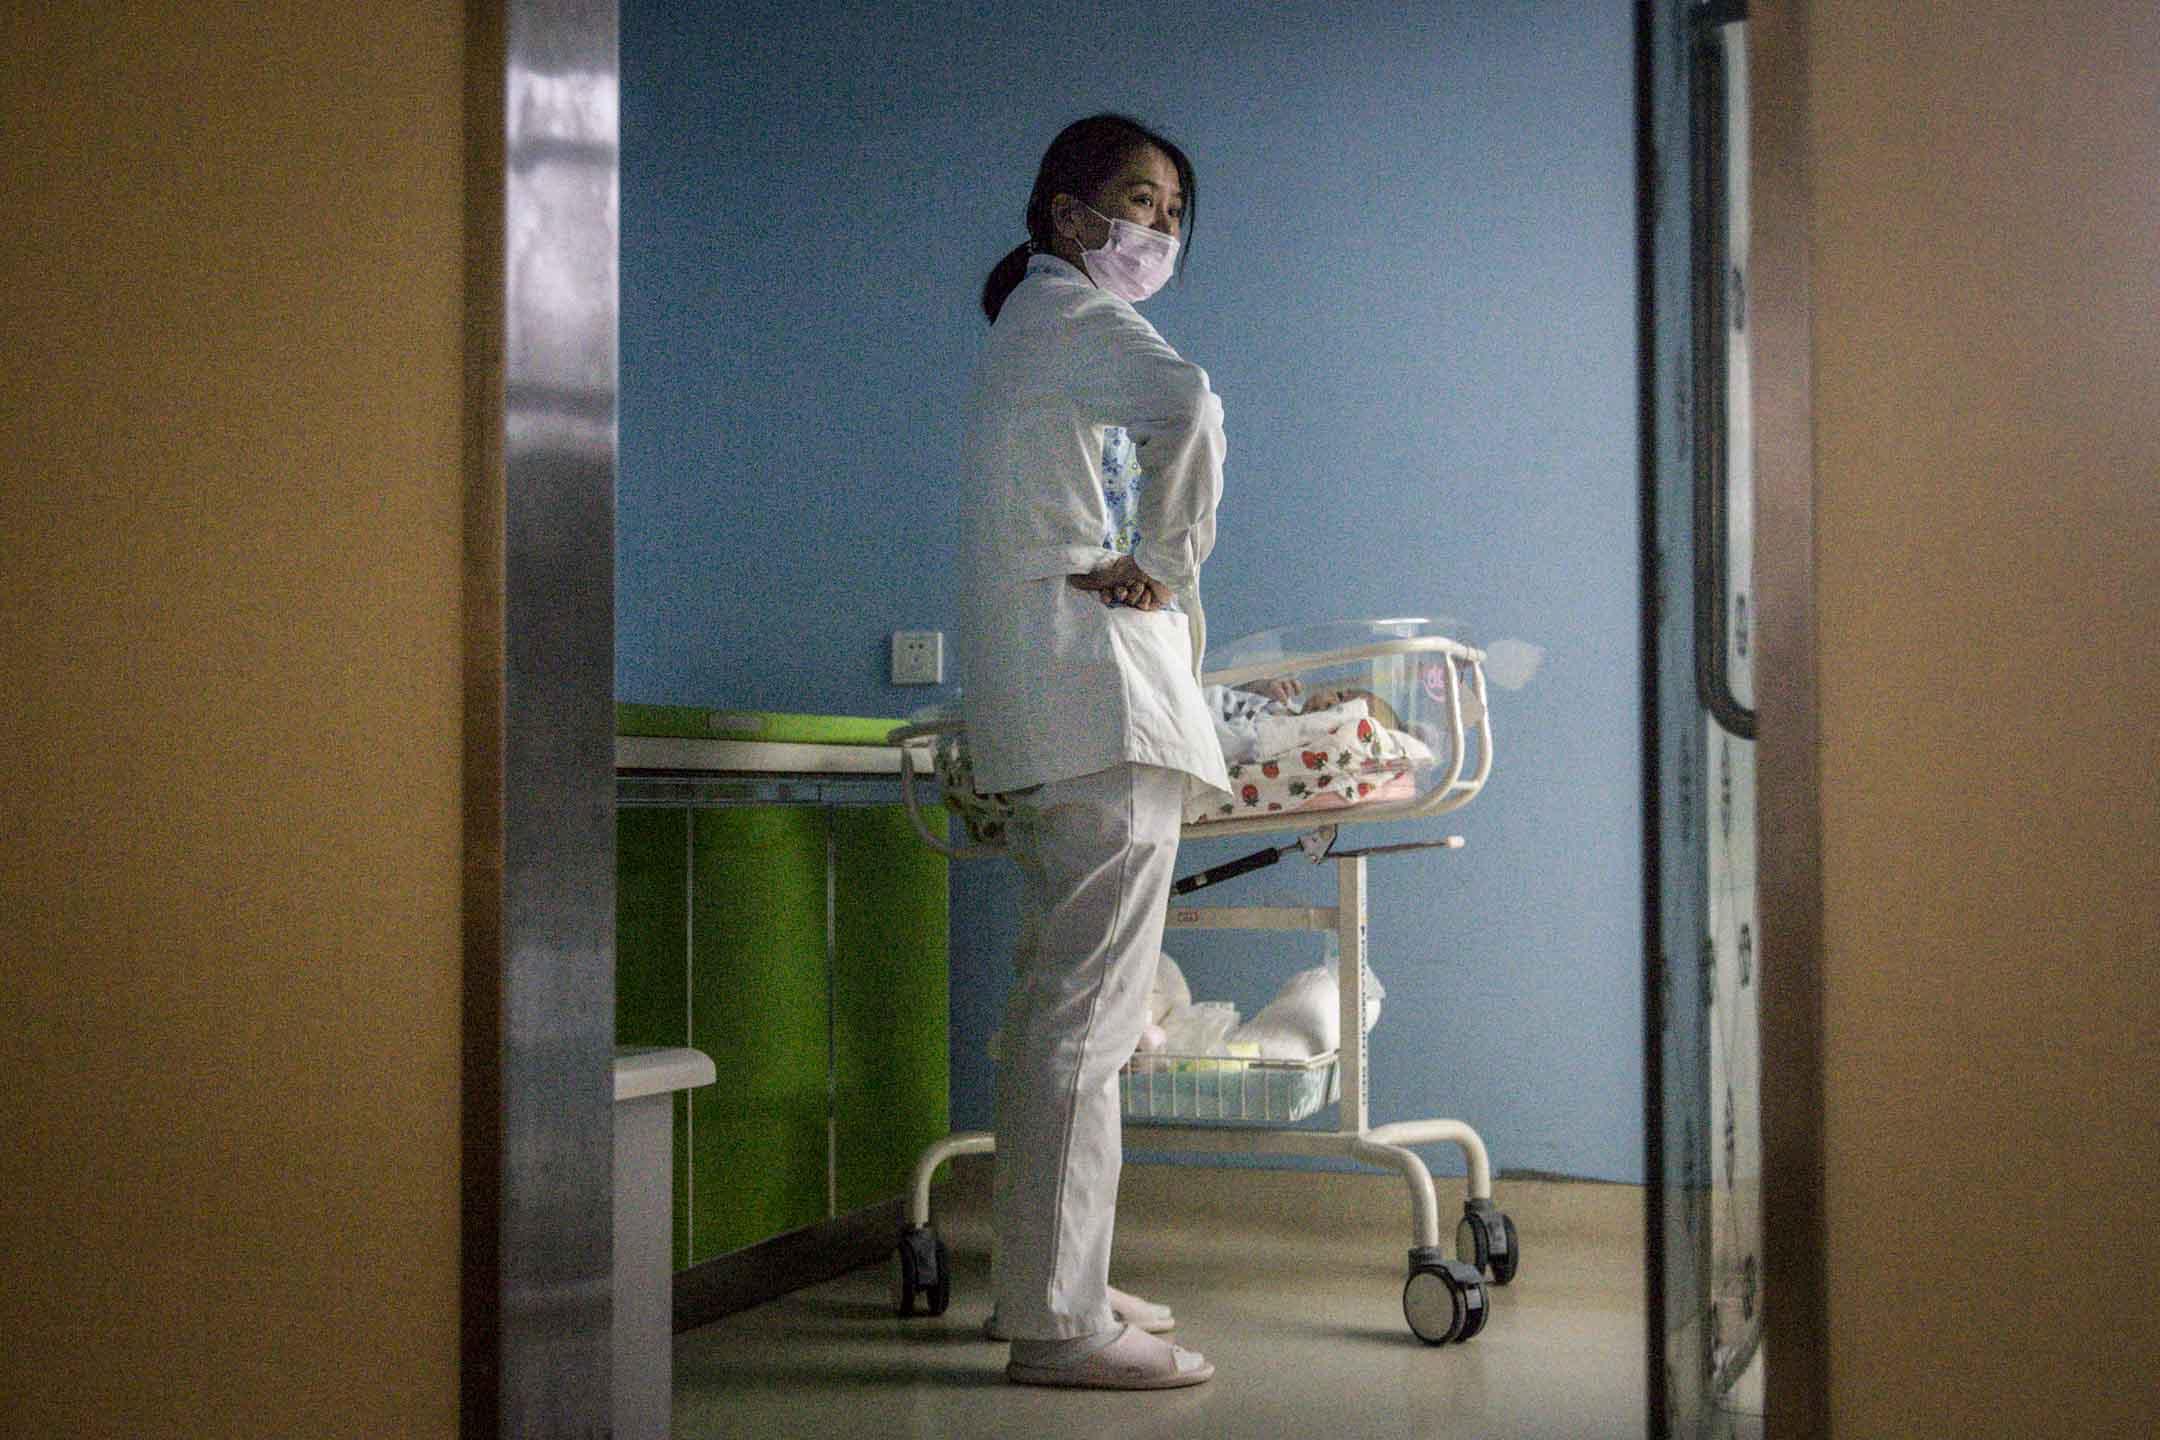 2020年3月12日,武漢一家私立婦產醫院,一名產婦護士在照顧新生兒時戴著口罩。